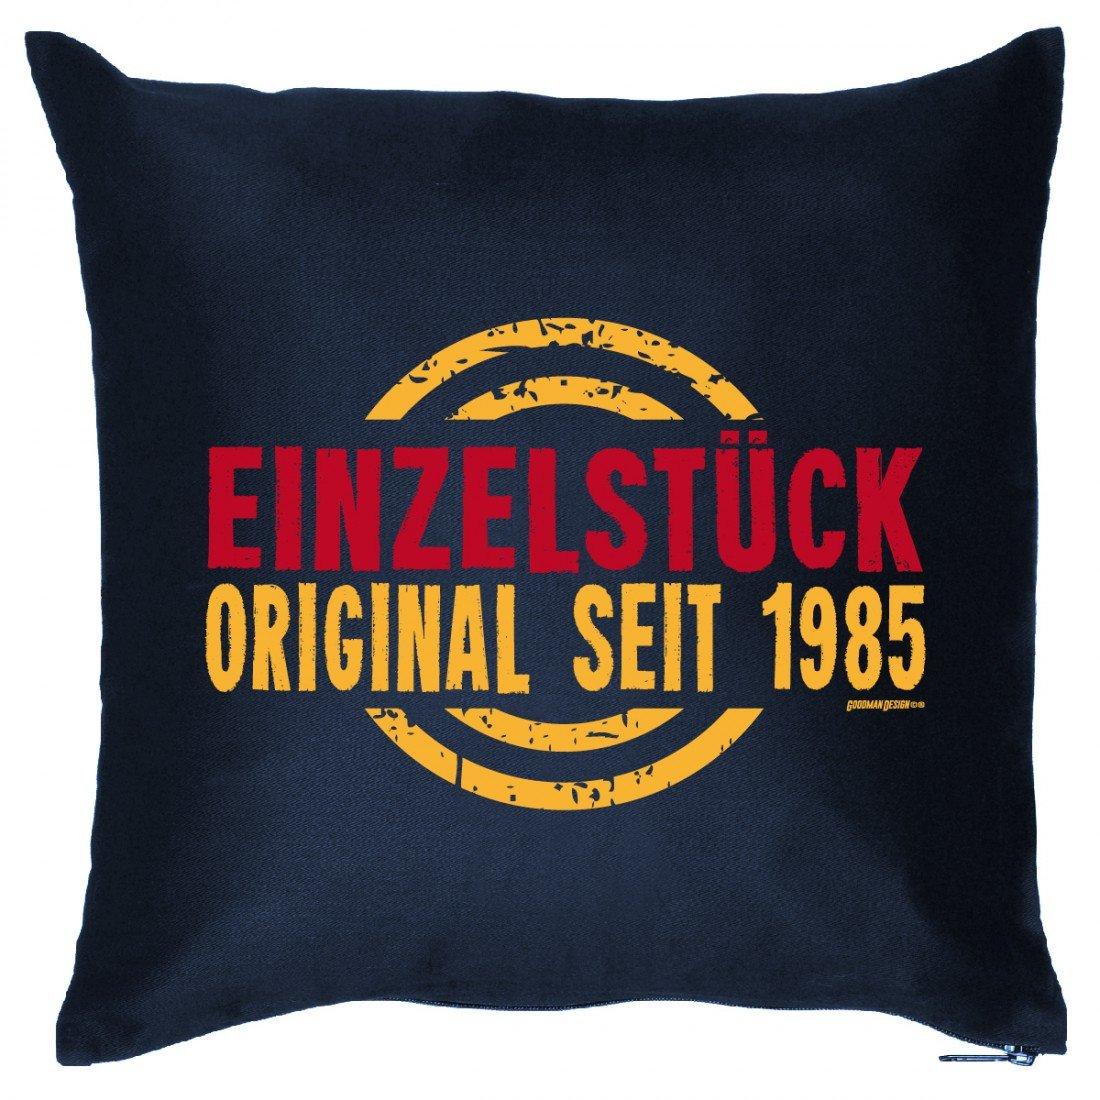 Couch Kissen mit Jahrgang zum Geburtstag – Einzelstück Original 1985 – Sofakissen Wendekissen mit Spruch und Humor günstig